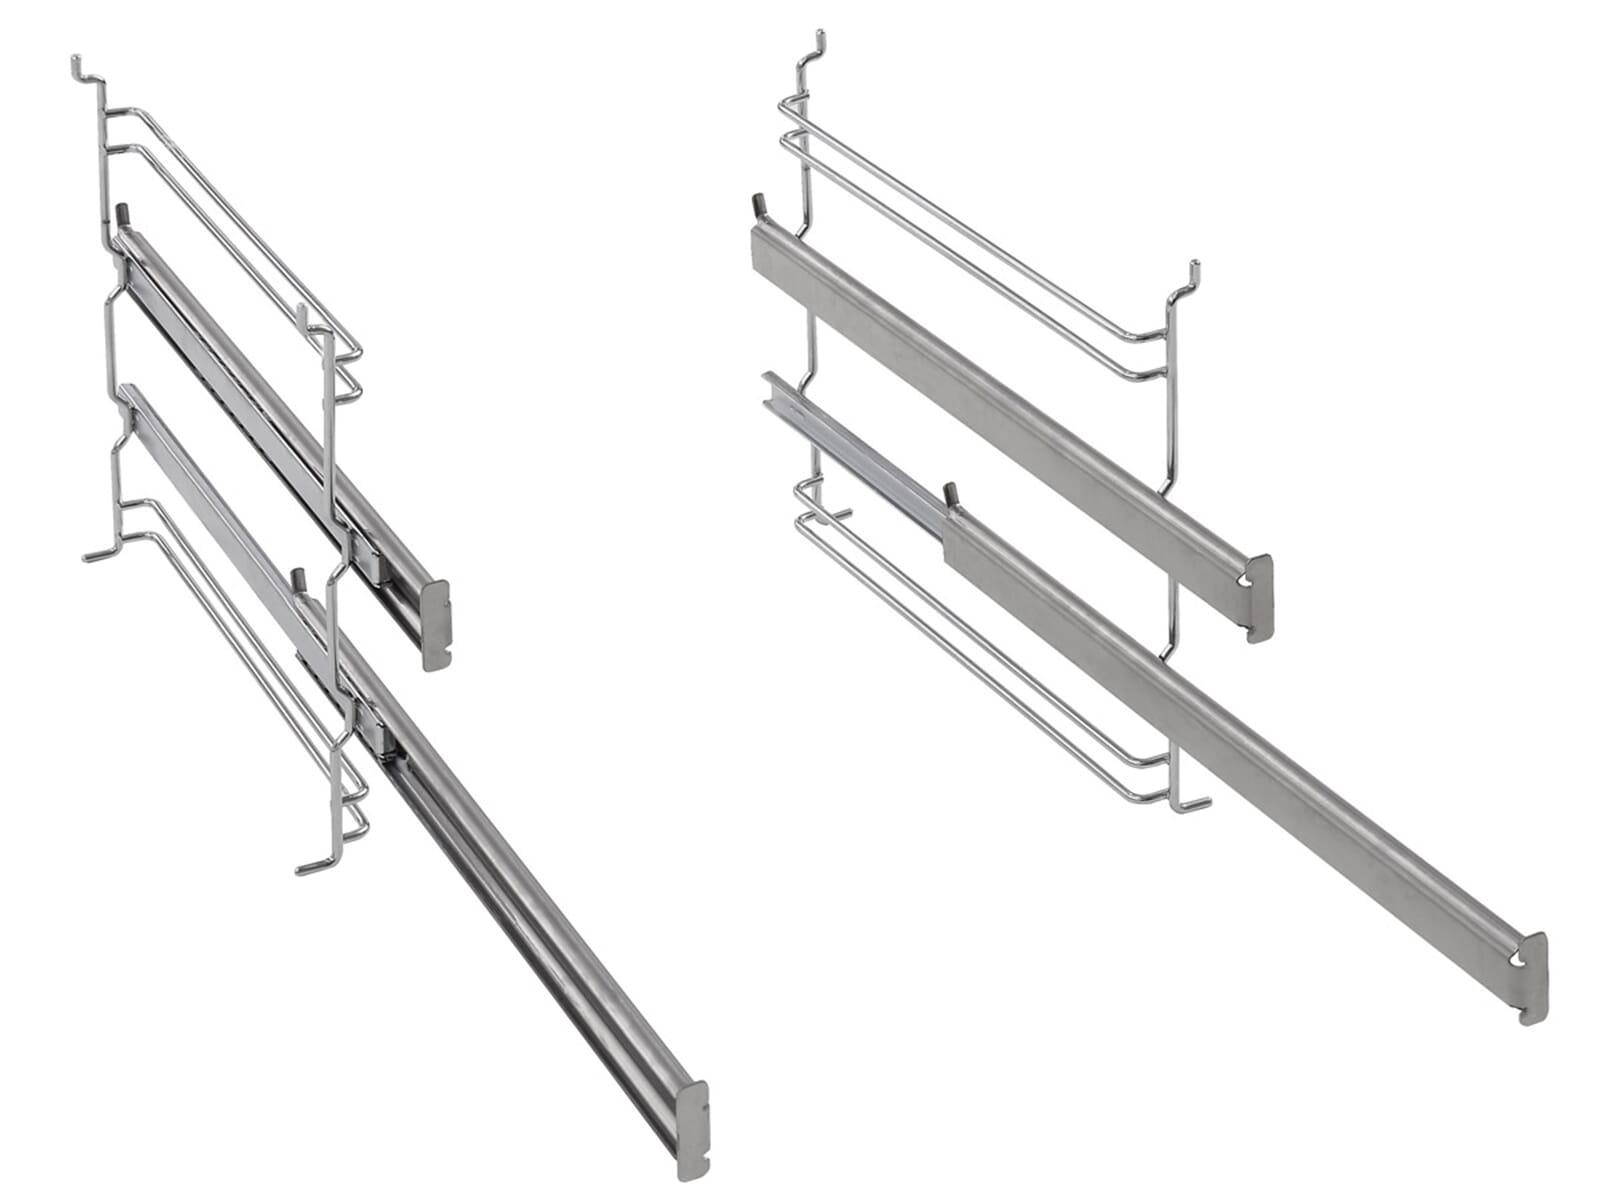 Die Teleskopauszüge eignen sich für alle aktuellen Stand- und Einbauherde bzw. Backöfen von Gorenje mit einer Breite von 60 cm.